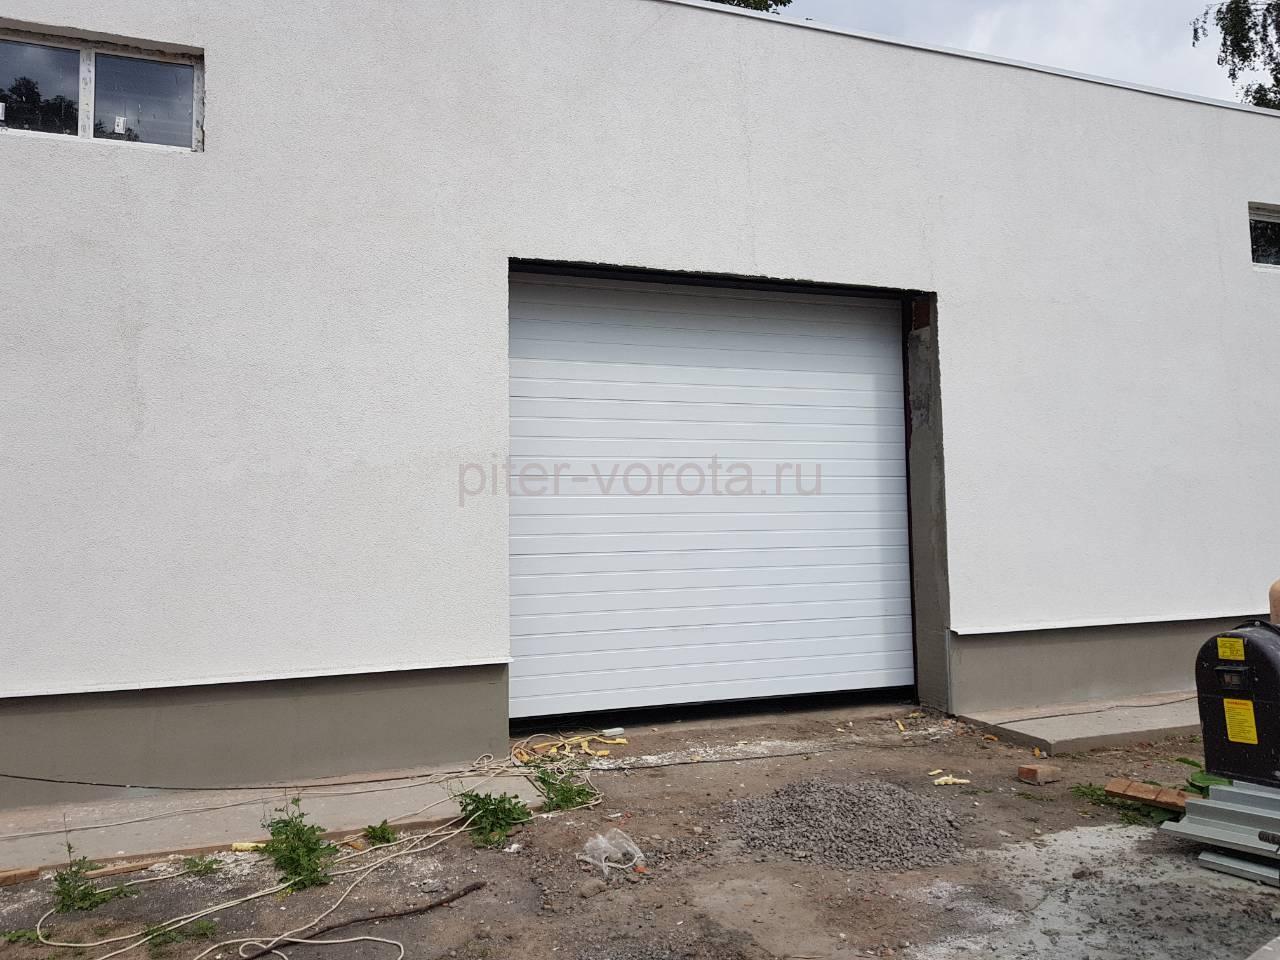 Гаражные подъёмно-секционные ворота Doorhan RSD02 на ул. Салова 44